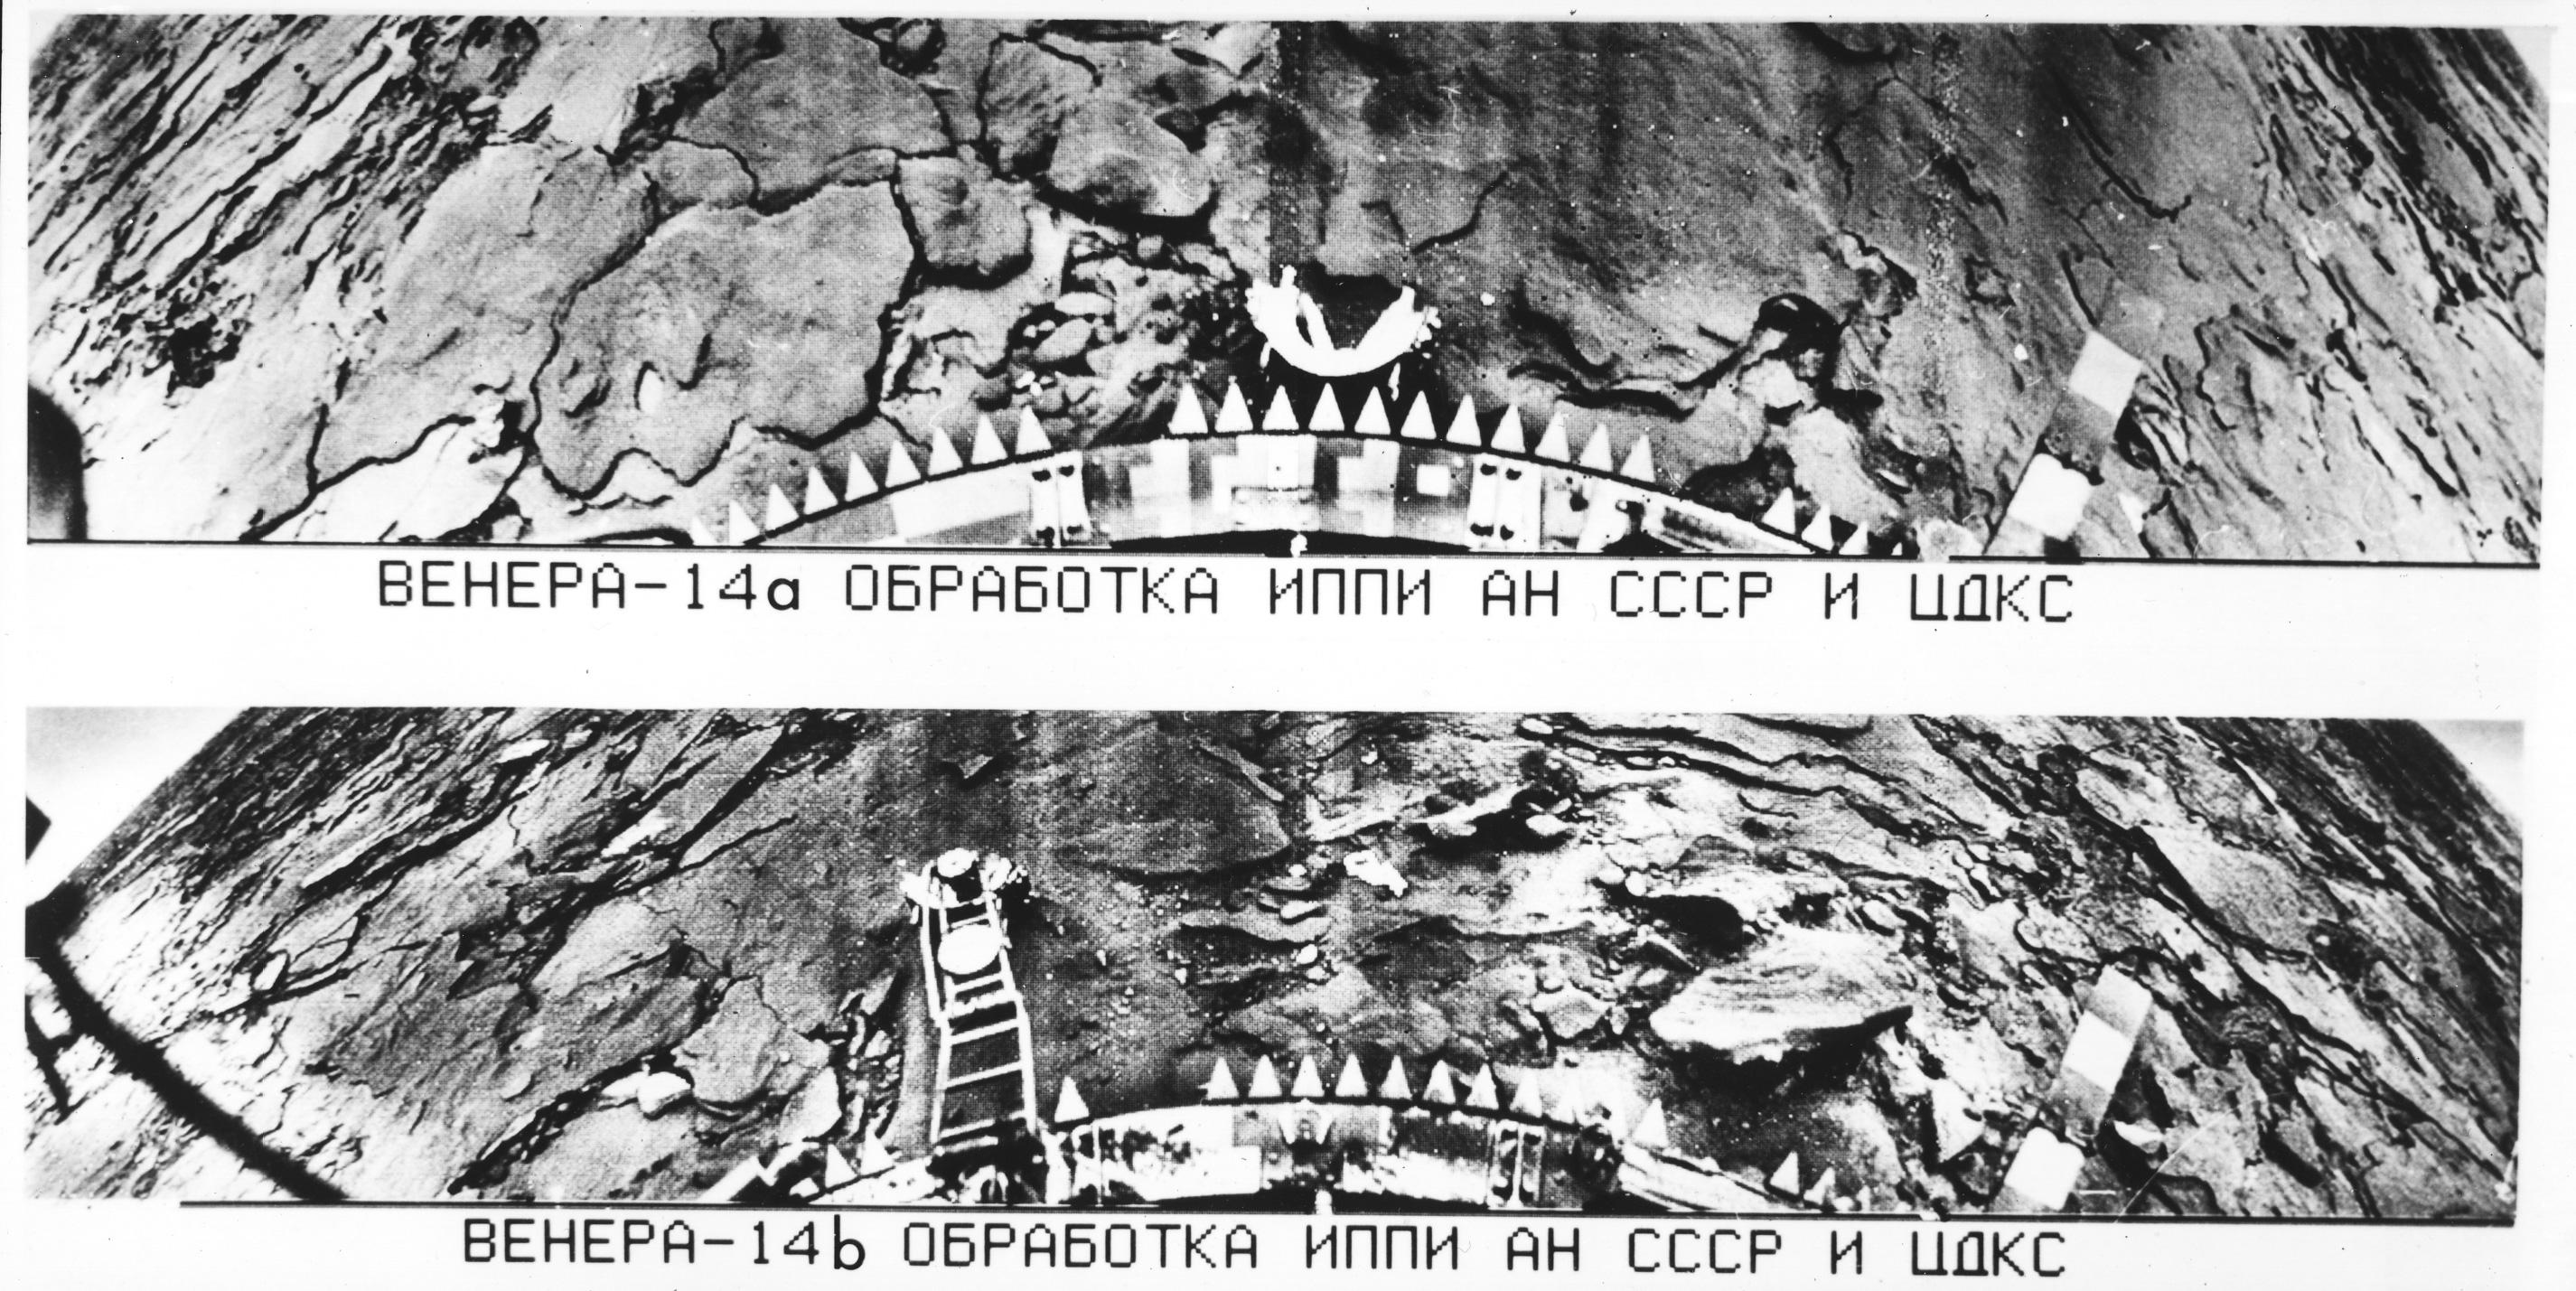 History of Soviet Space Program V14